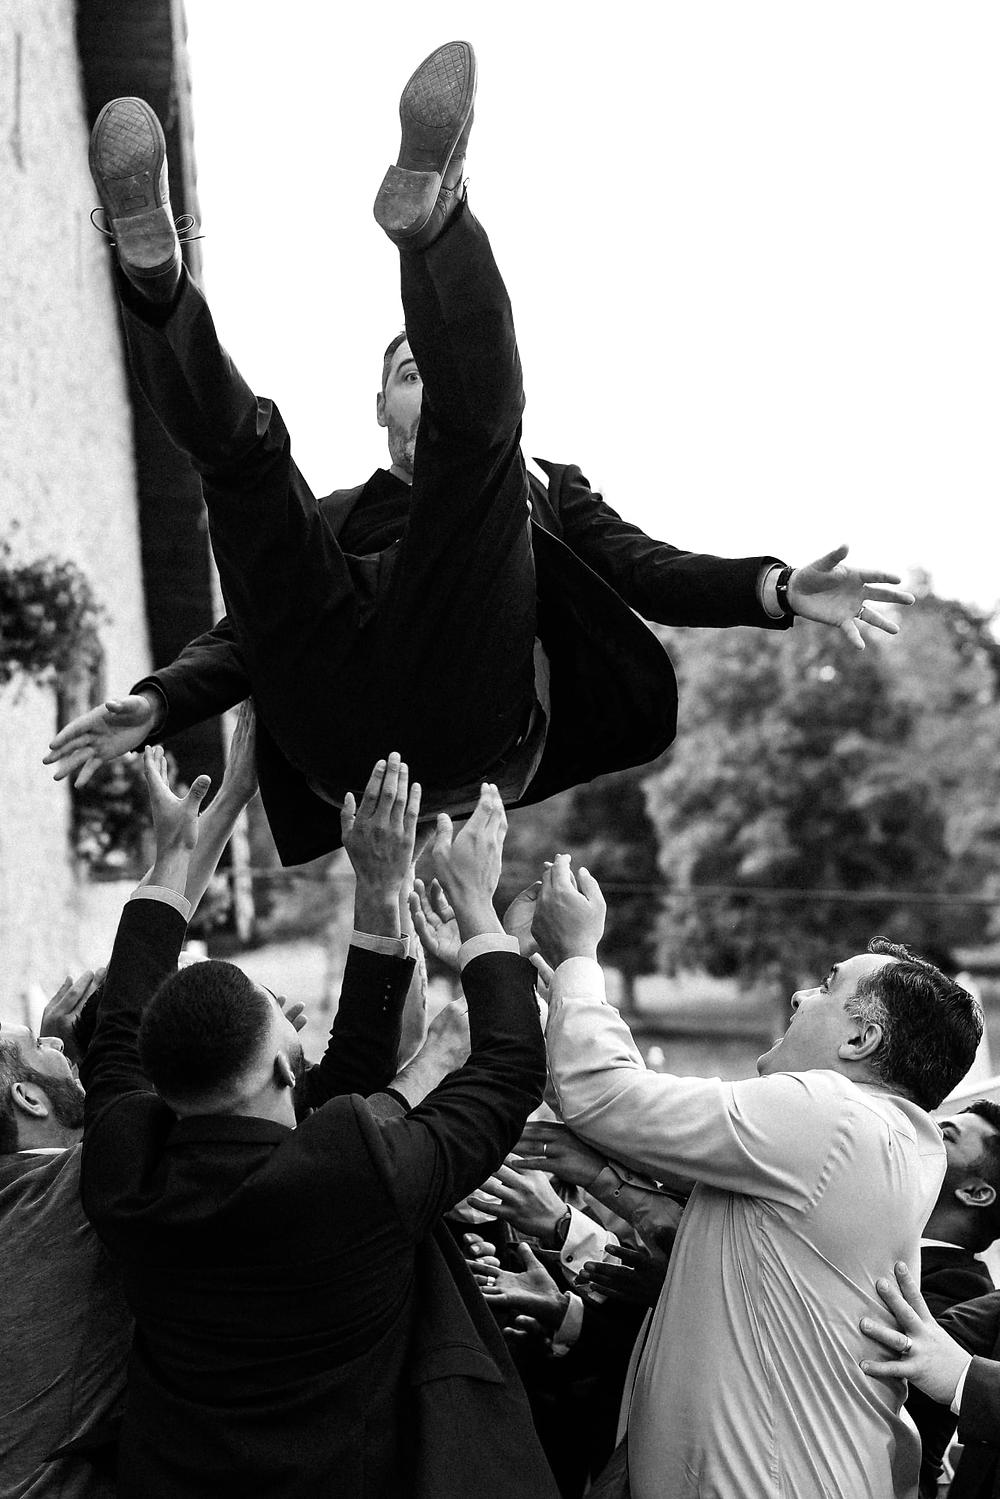 marie jete en l'air saut vol fete joie rire famille